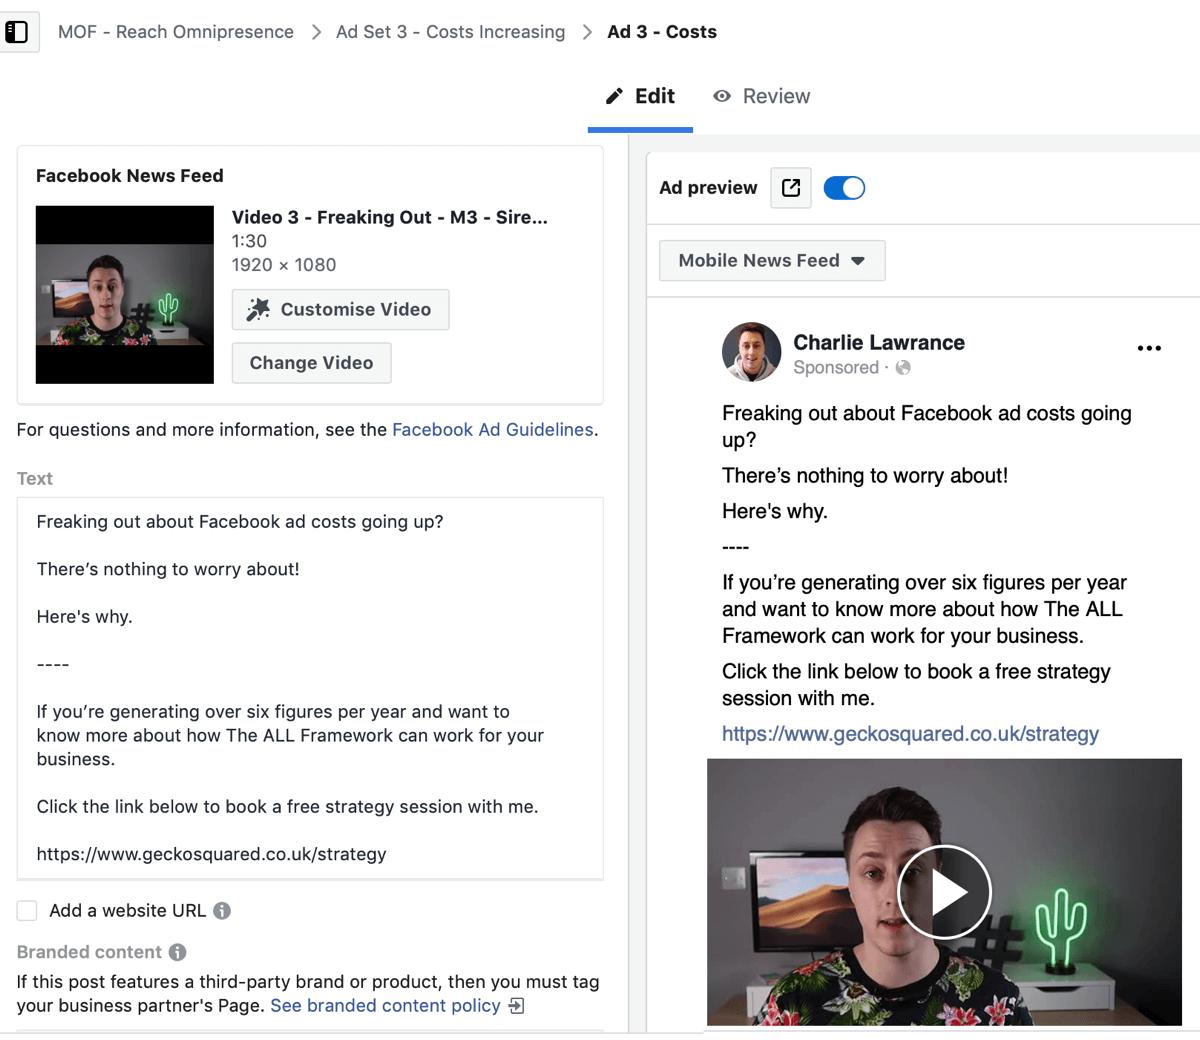 Créez une campagne Facebook pour atteindre les annonces, étape 6.